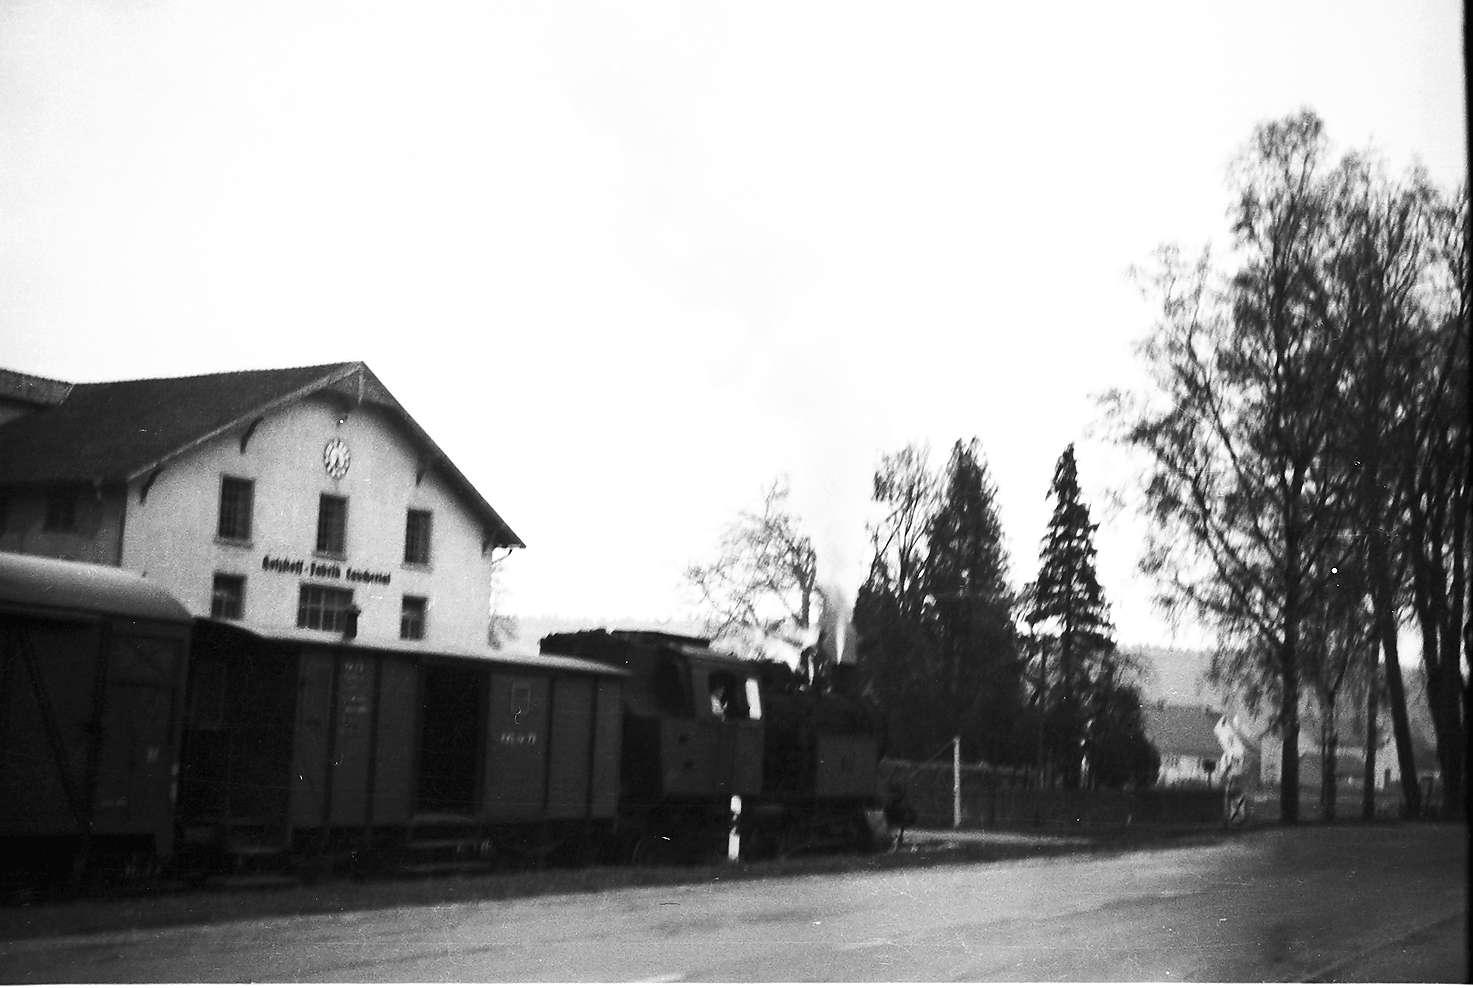 Lok 15, Güterzug 313, Strecke Laucherthal - Sigmaringendorf, Industriegebäude Schaal mit Schwebegiebel, 2009 noch modernisiert vorhanden, Bild 1